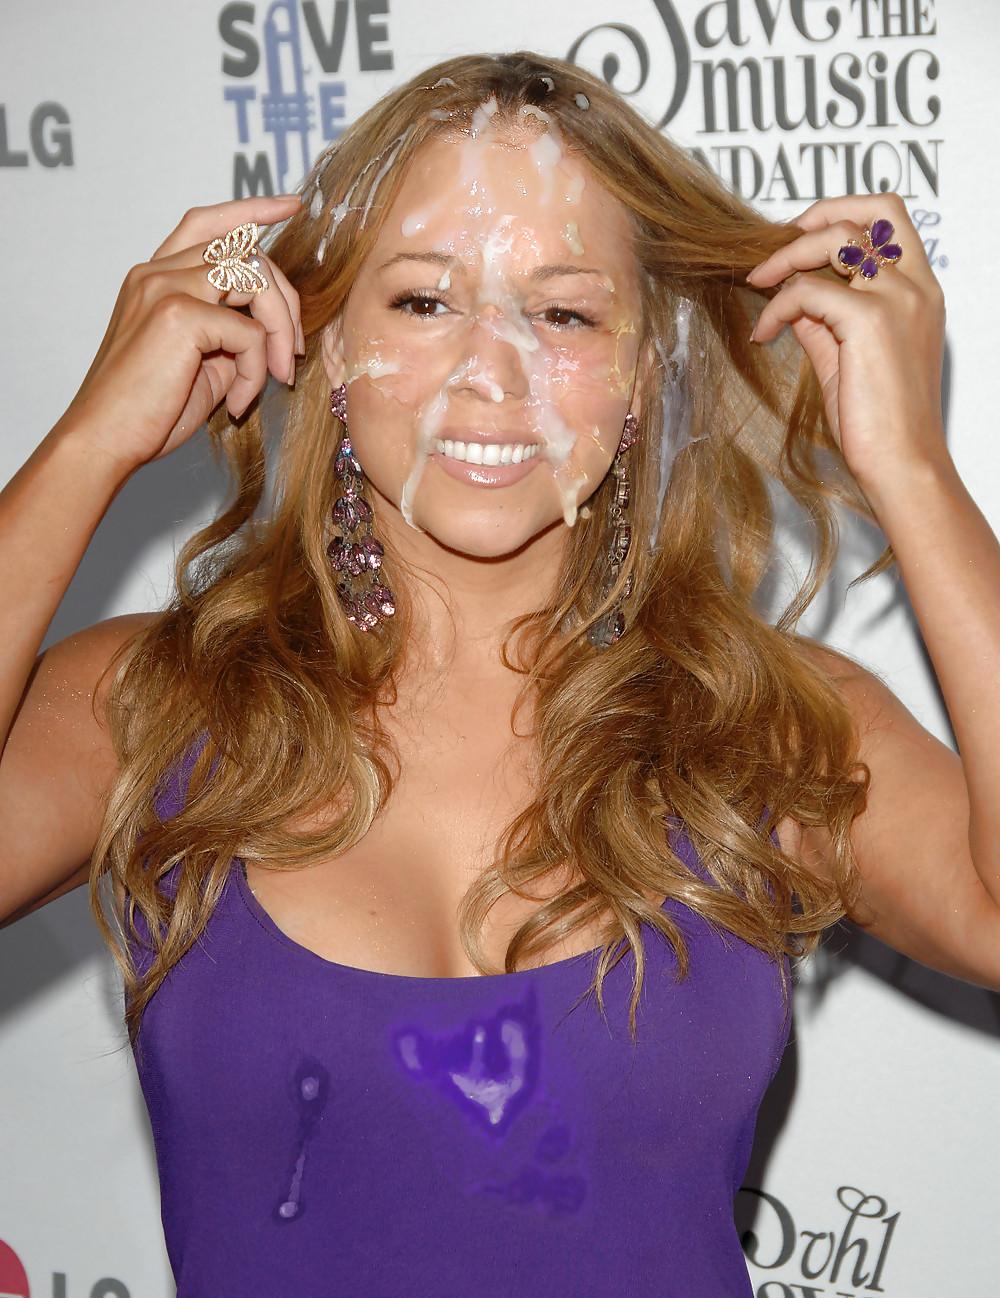 Cum Face Generator - Create Fake Cumshot Images